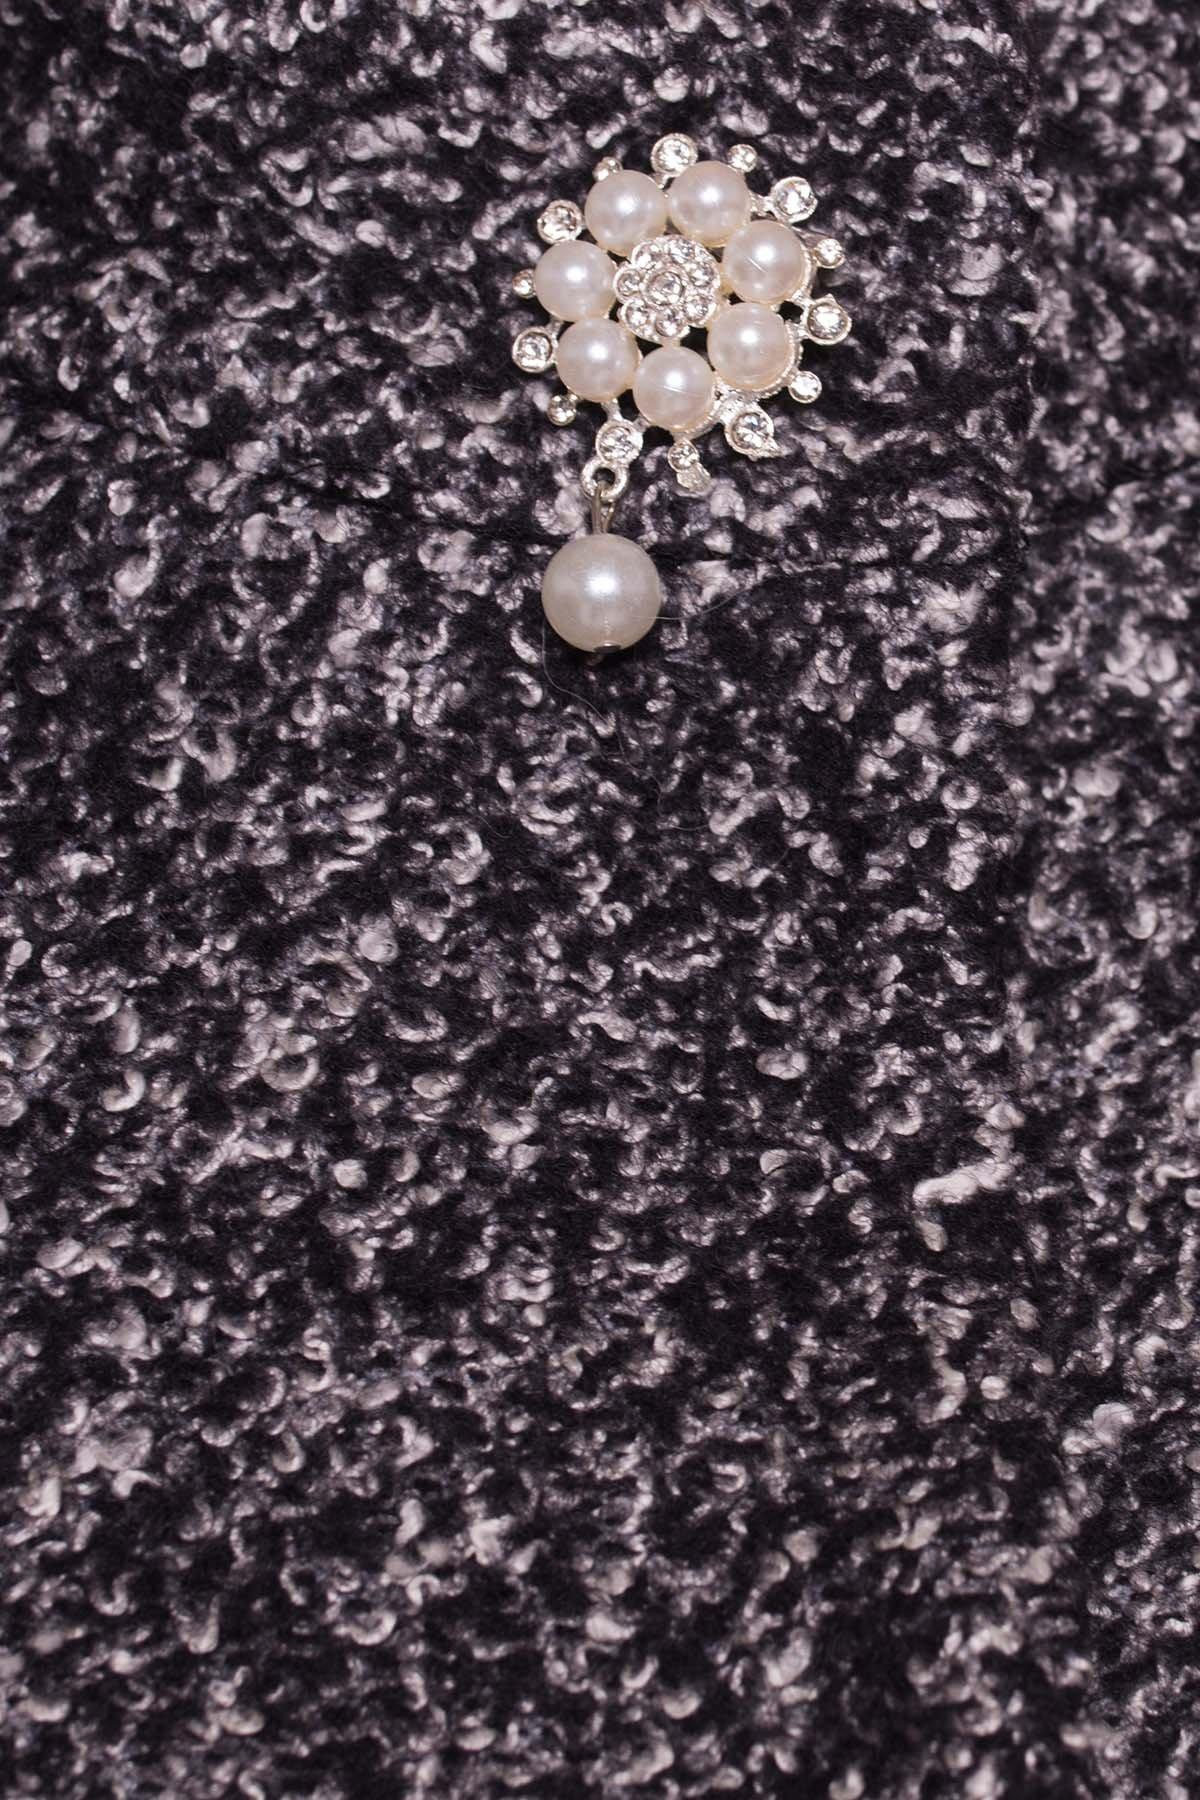 Пальто Мелини 0442 АРТ. 6776 Цвет: Черный / серый 6 - фото 5, интернет магазин tm-modus.ru